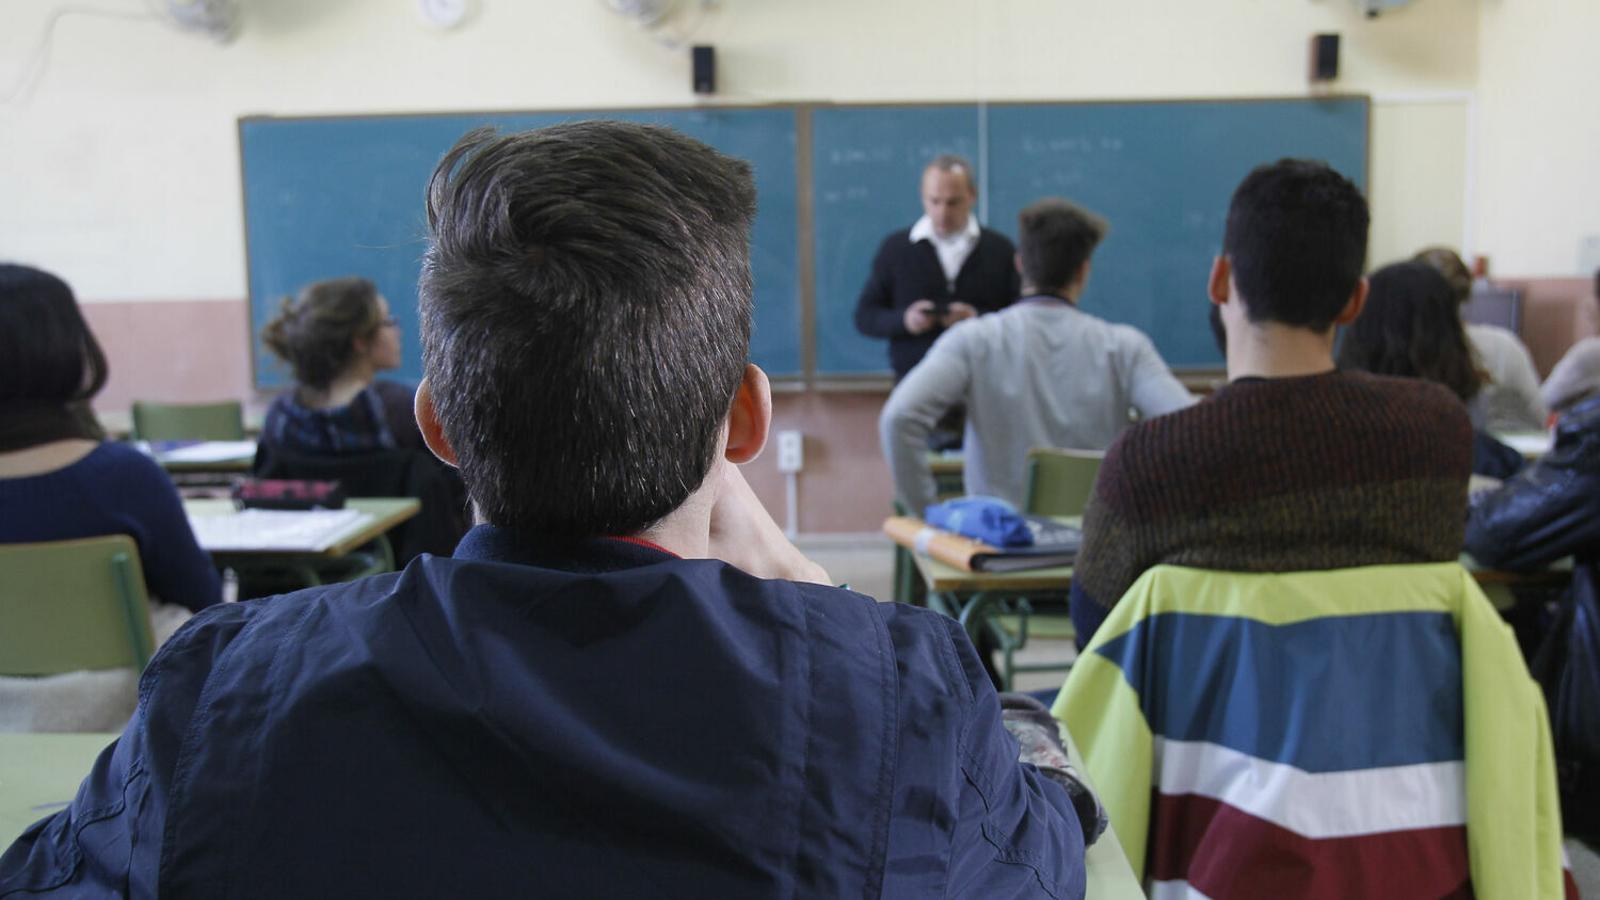 El PP també ha demanat que es facin públics els projectes educatius i lingüístics dels centres